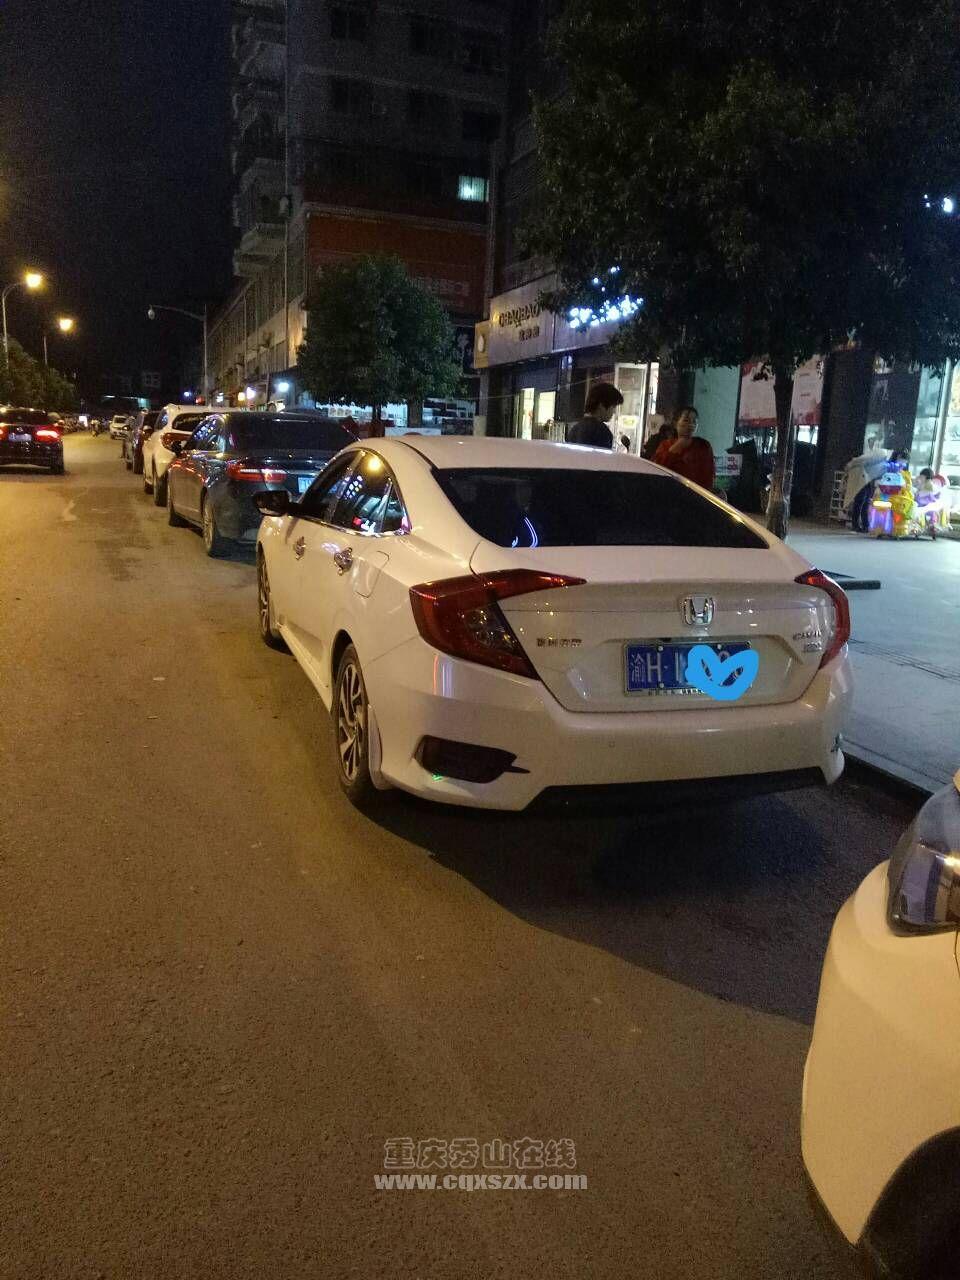 这样停车也会被贴罚单,天理何在?